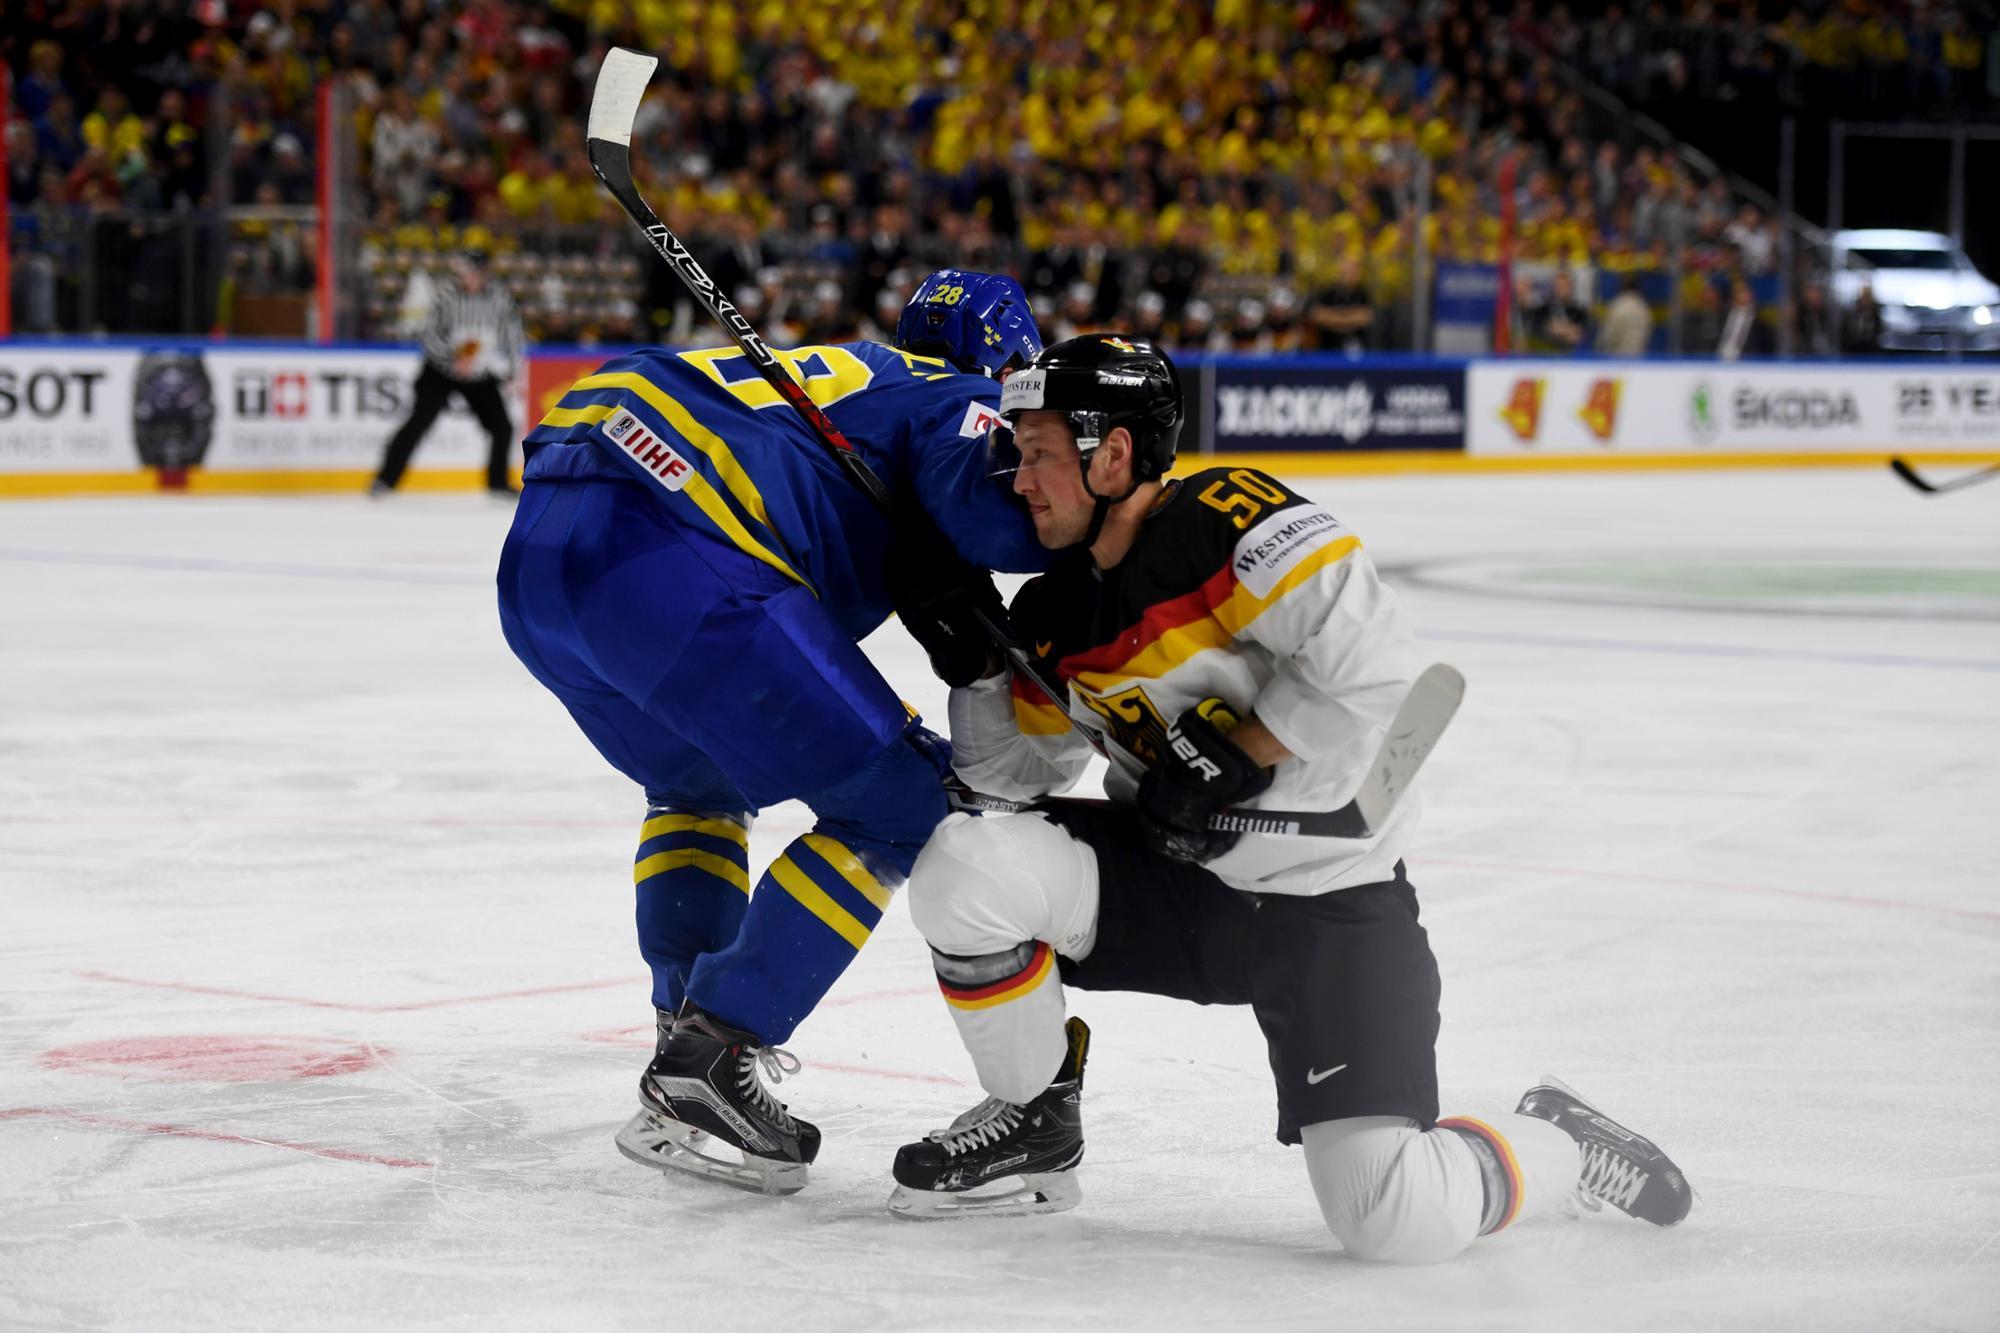 deutschland wm eishockey